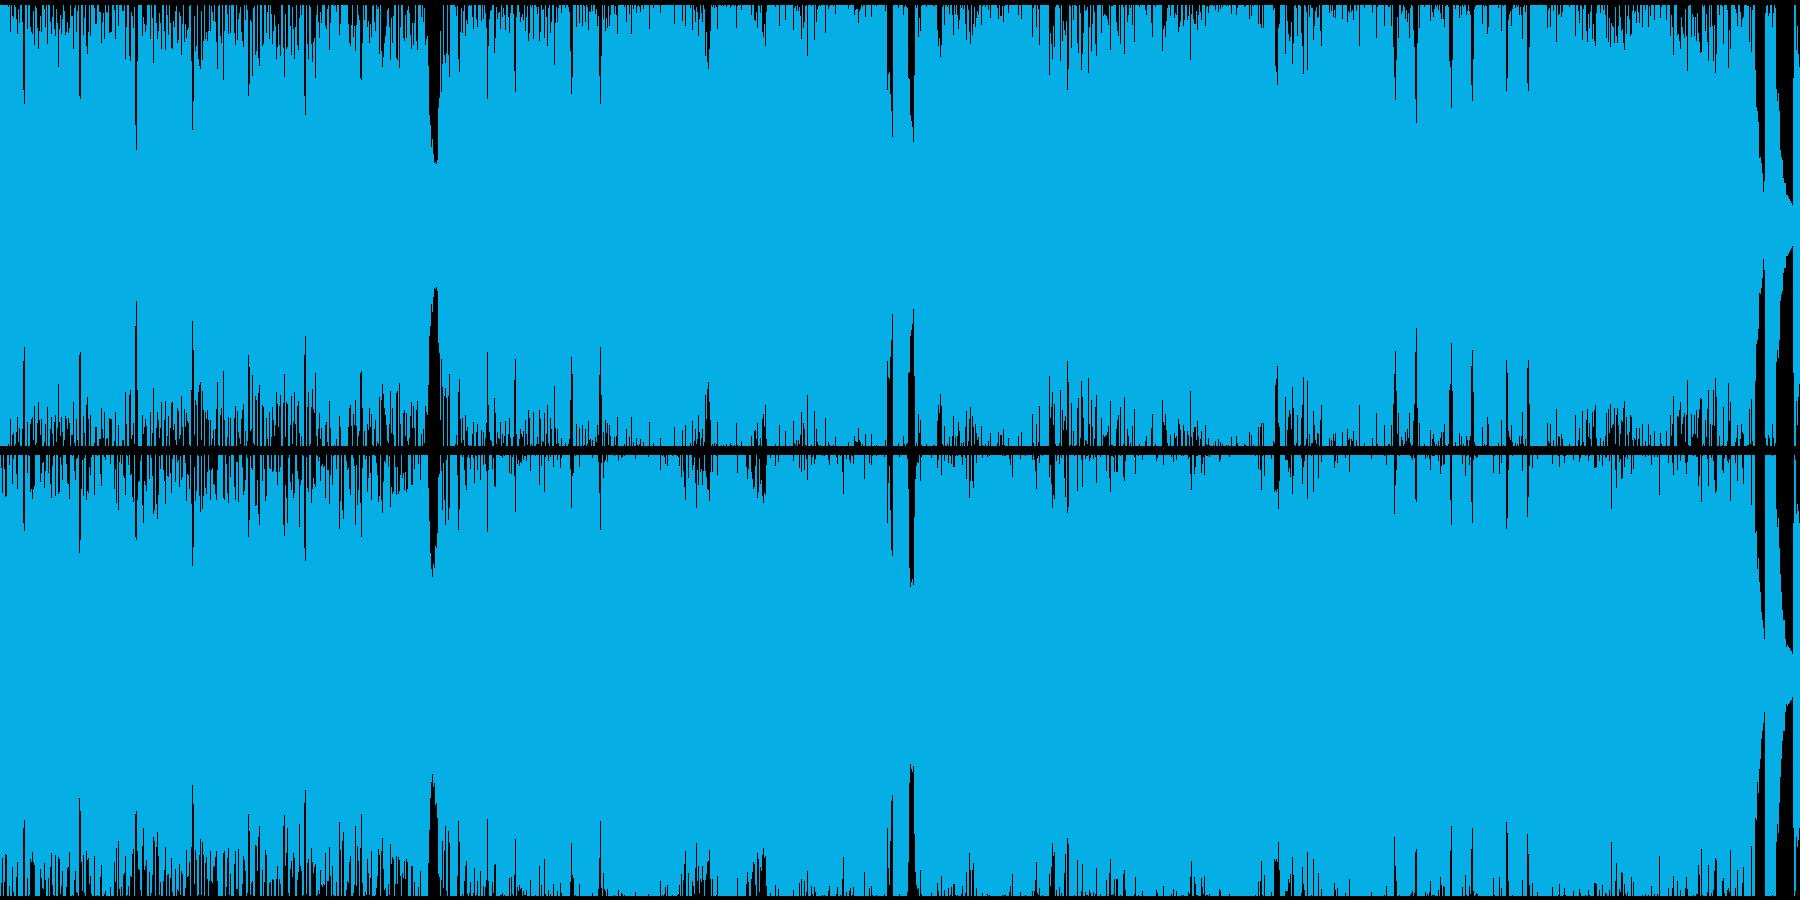 アップテンポな戦闘曲(ループ)の再生済みの波形